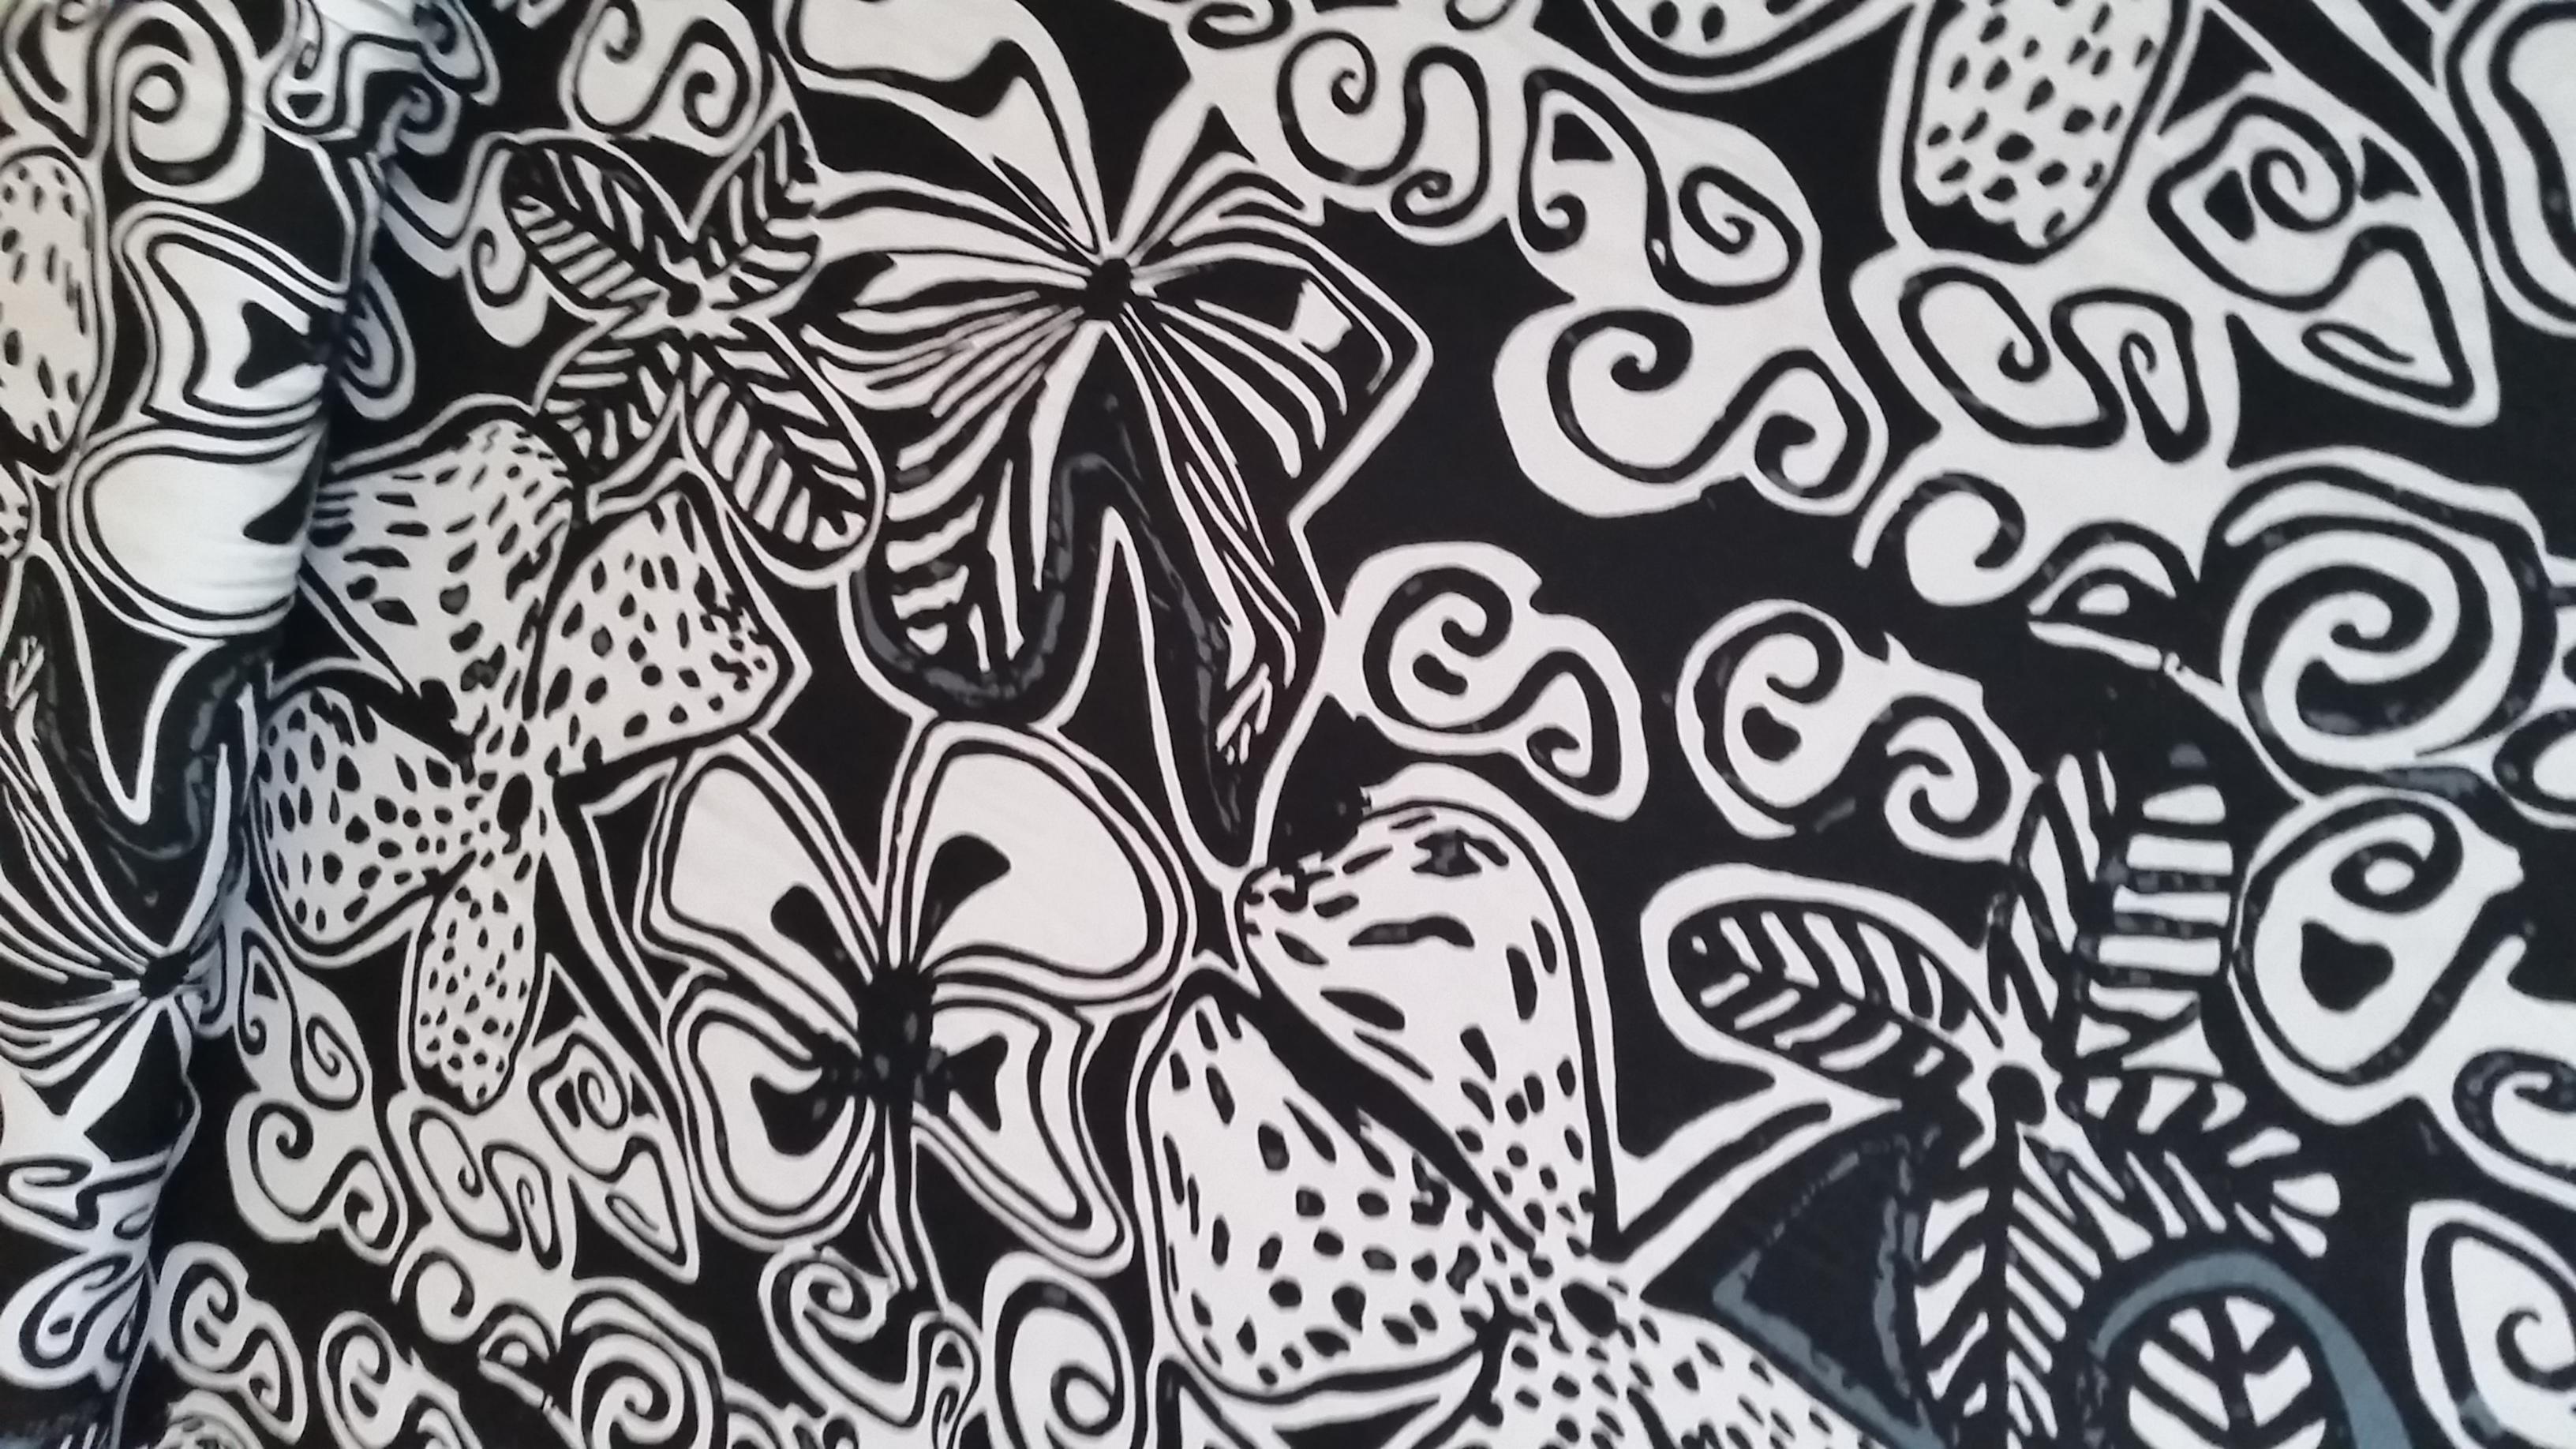 hobbywelt kreativshop stoff ornamente schwarz weiss basteln und n hen. Black Bedroom Furniture Sets. Home Design Ideas